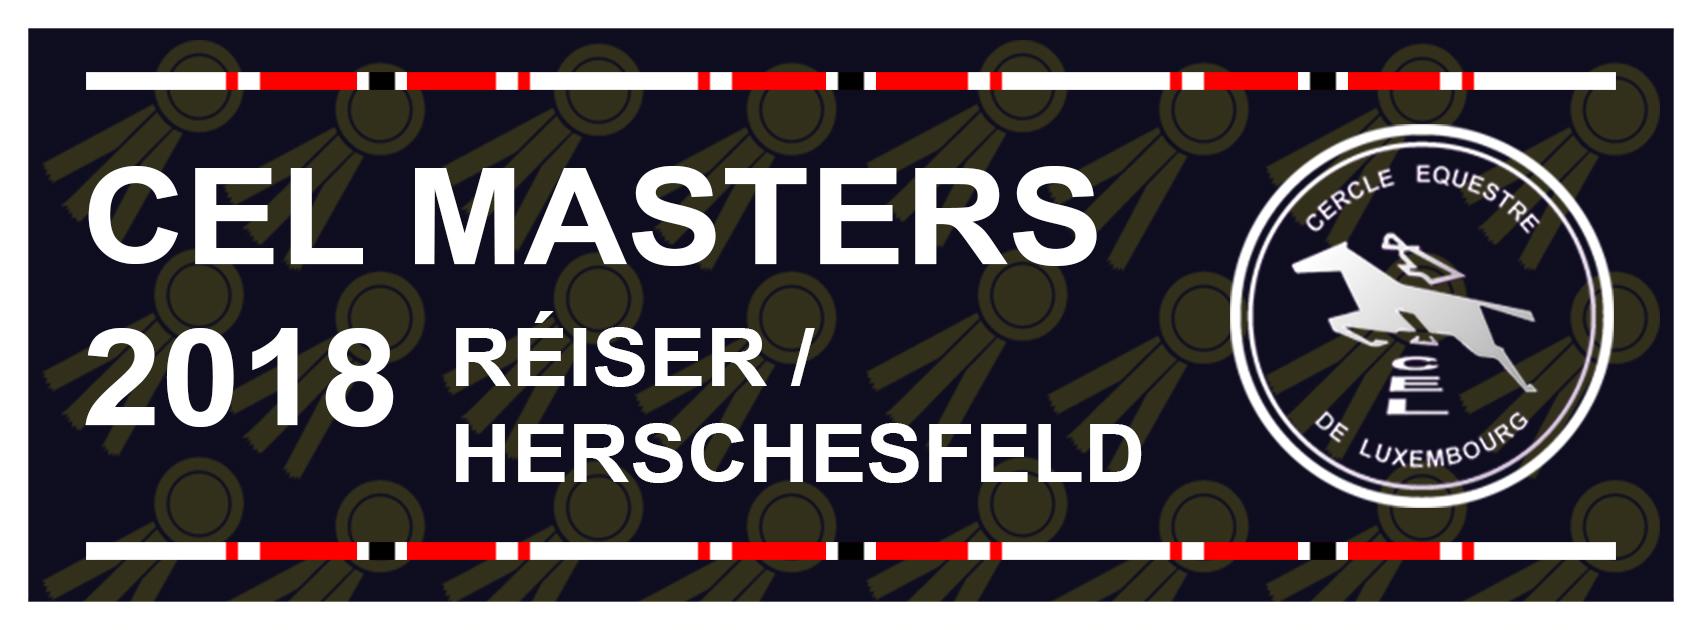 Zweschenresultater vun den CEL MASTERS 2018